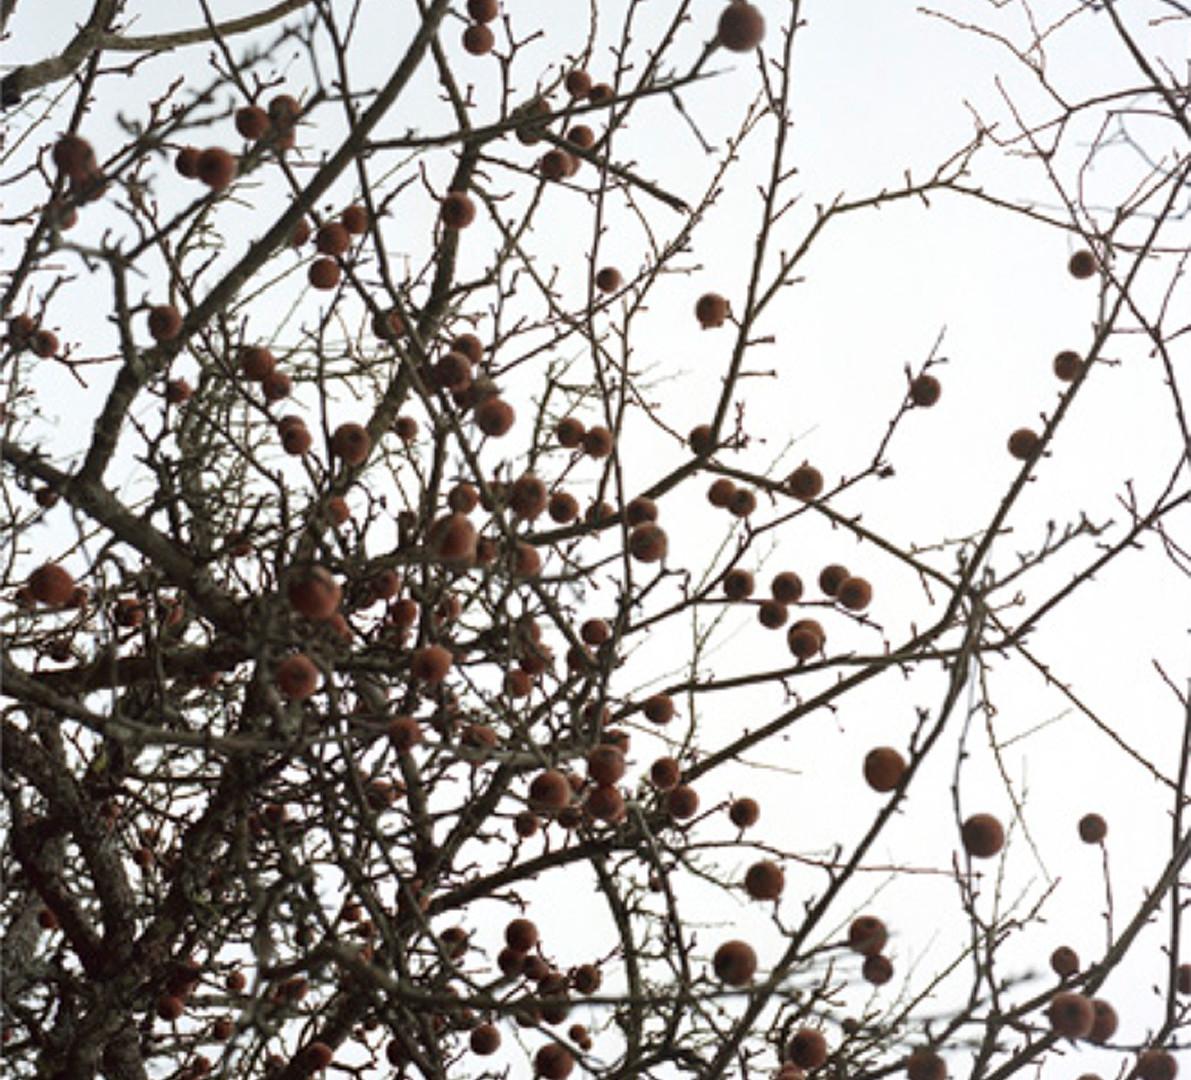 Jocelyn Lee, Untitled (apple trees in water from below), 2007